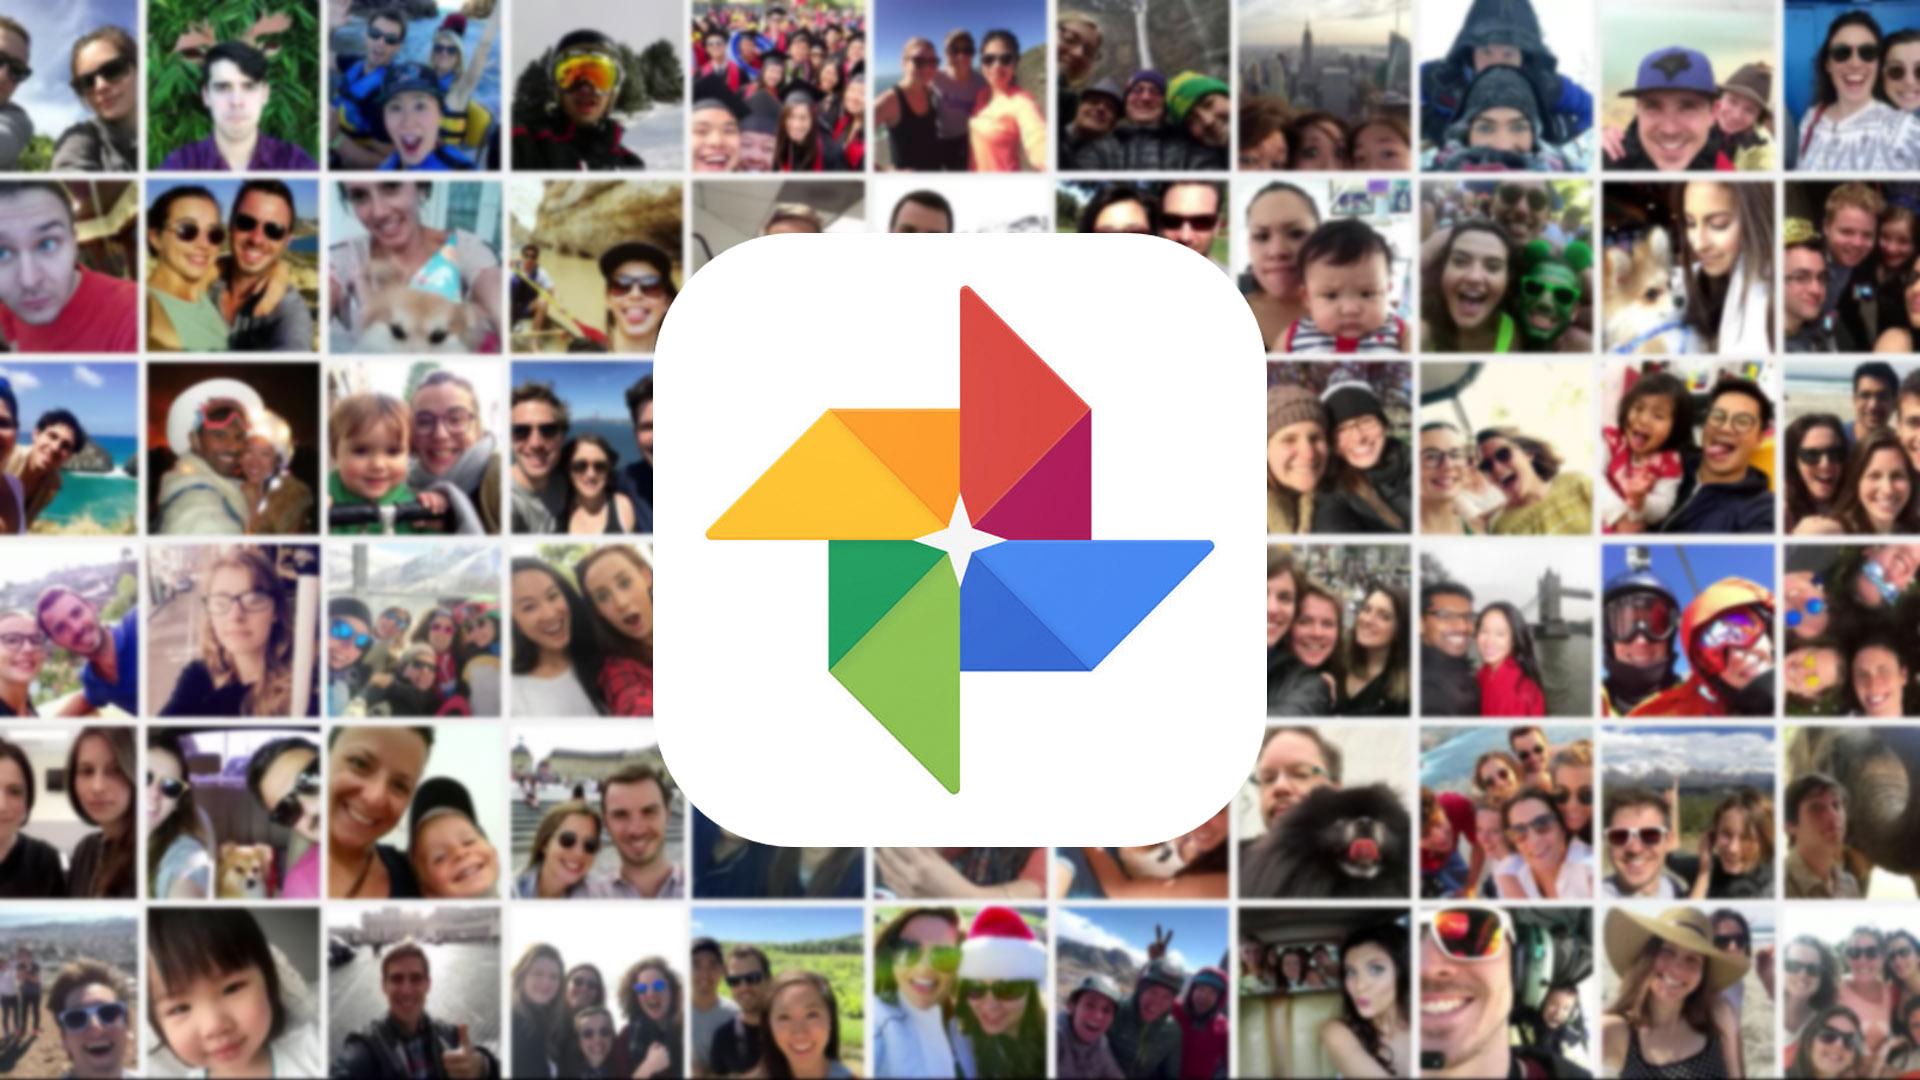 Googleフォト、iPhoneの元画質・無制限アップロードはバグと判明→修正へ